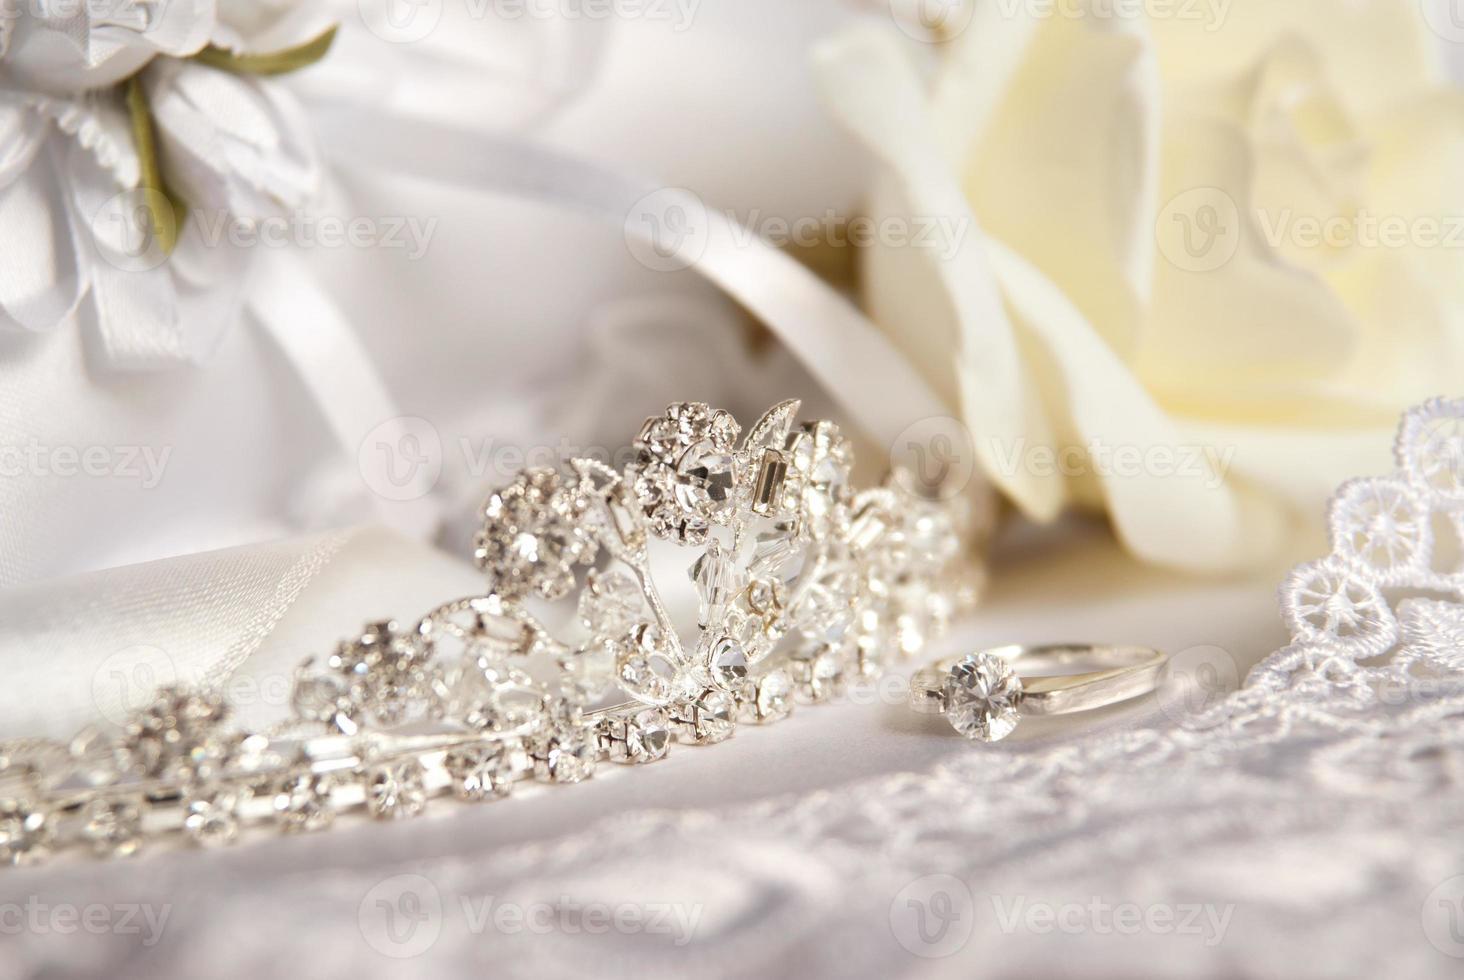 tiara de casamento (diadema) e acessórios de noiva foto